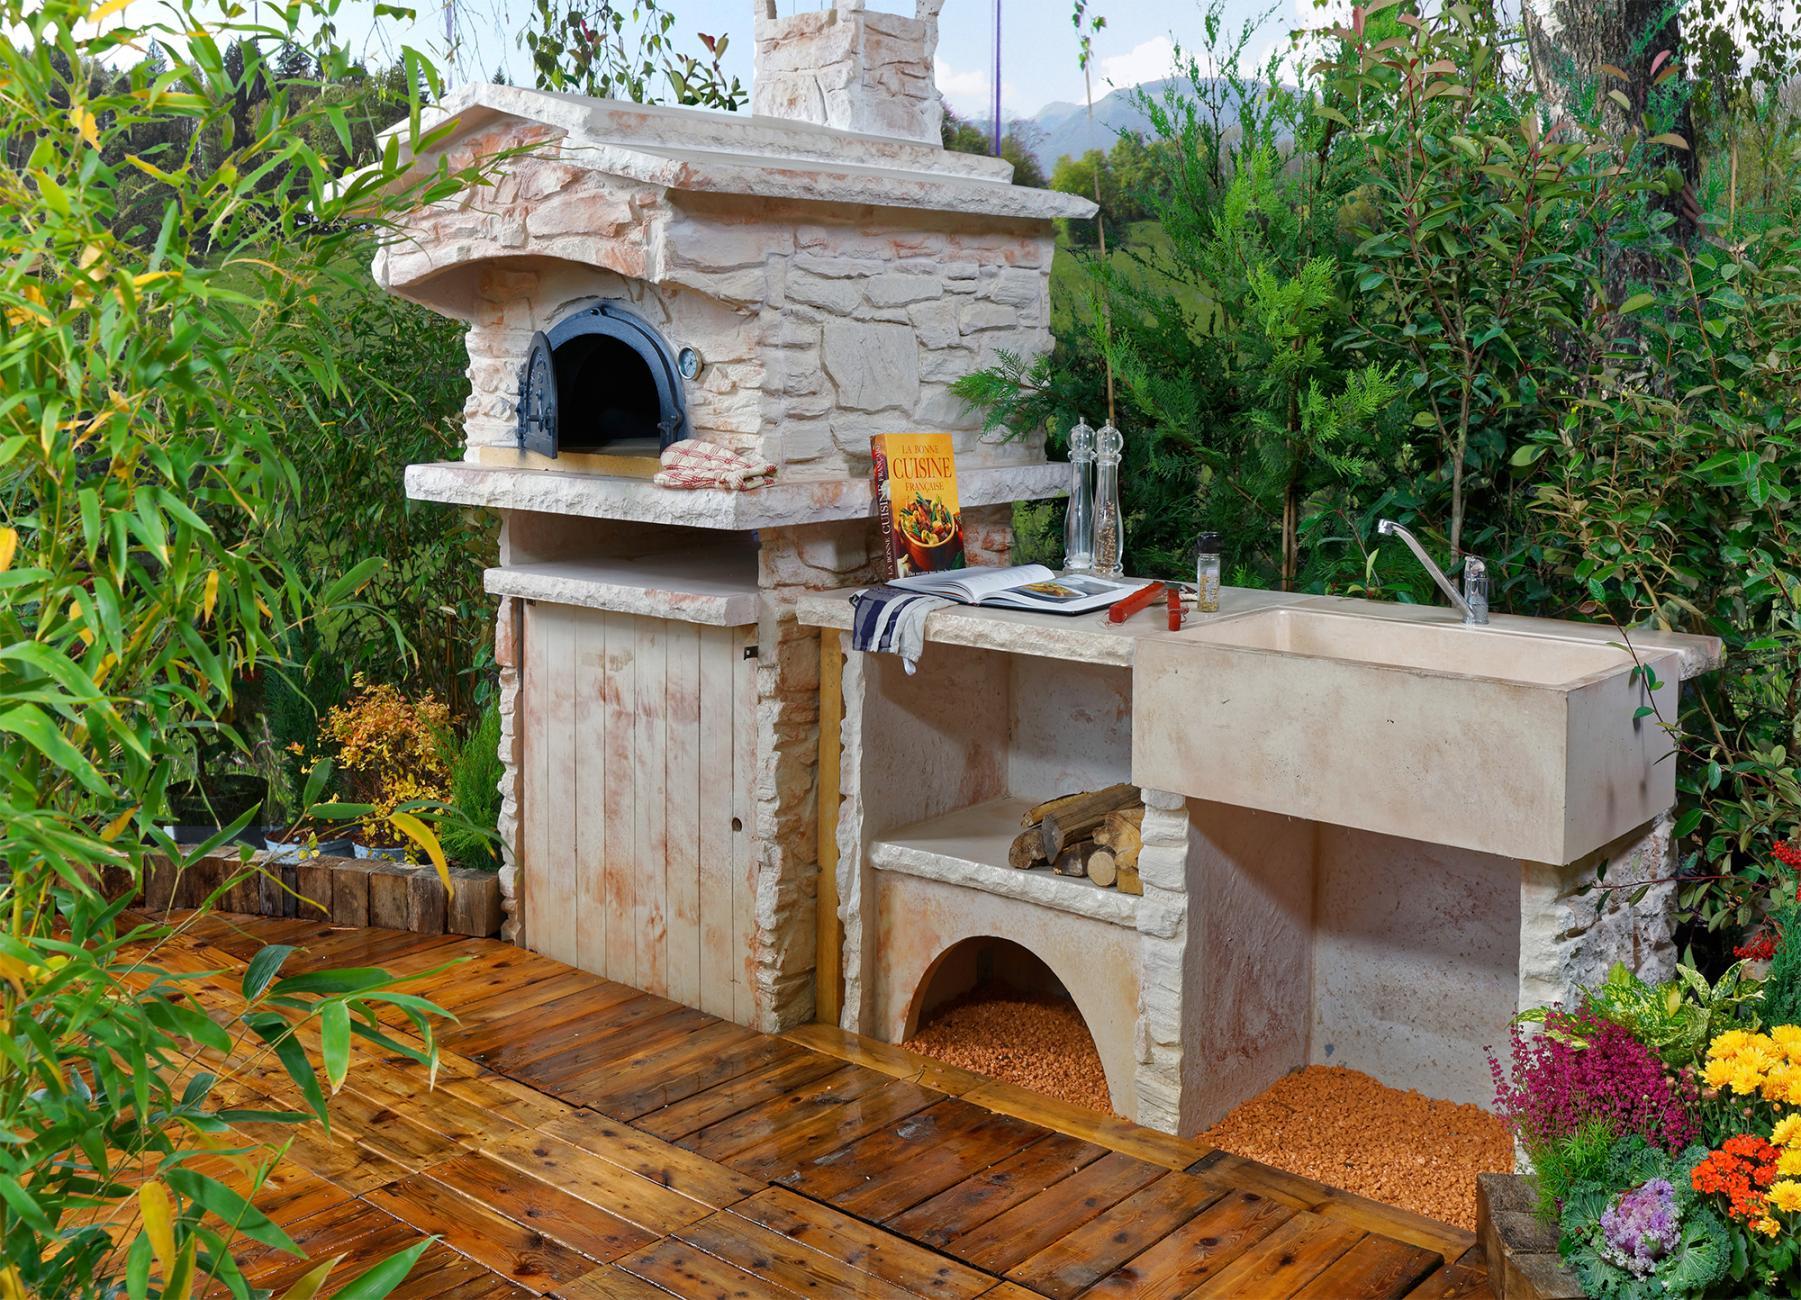 Cuisine Exterieure En Pierre cuisine d'été extérieure en pierre avec four à pain, évier